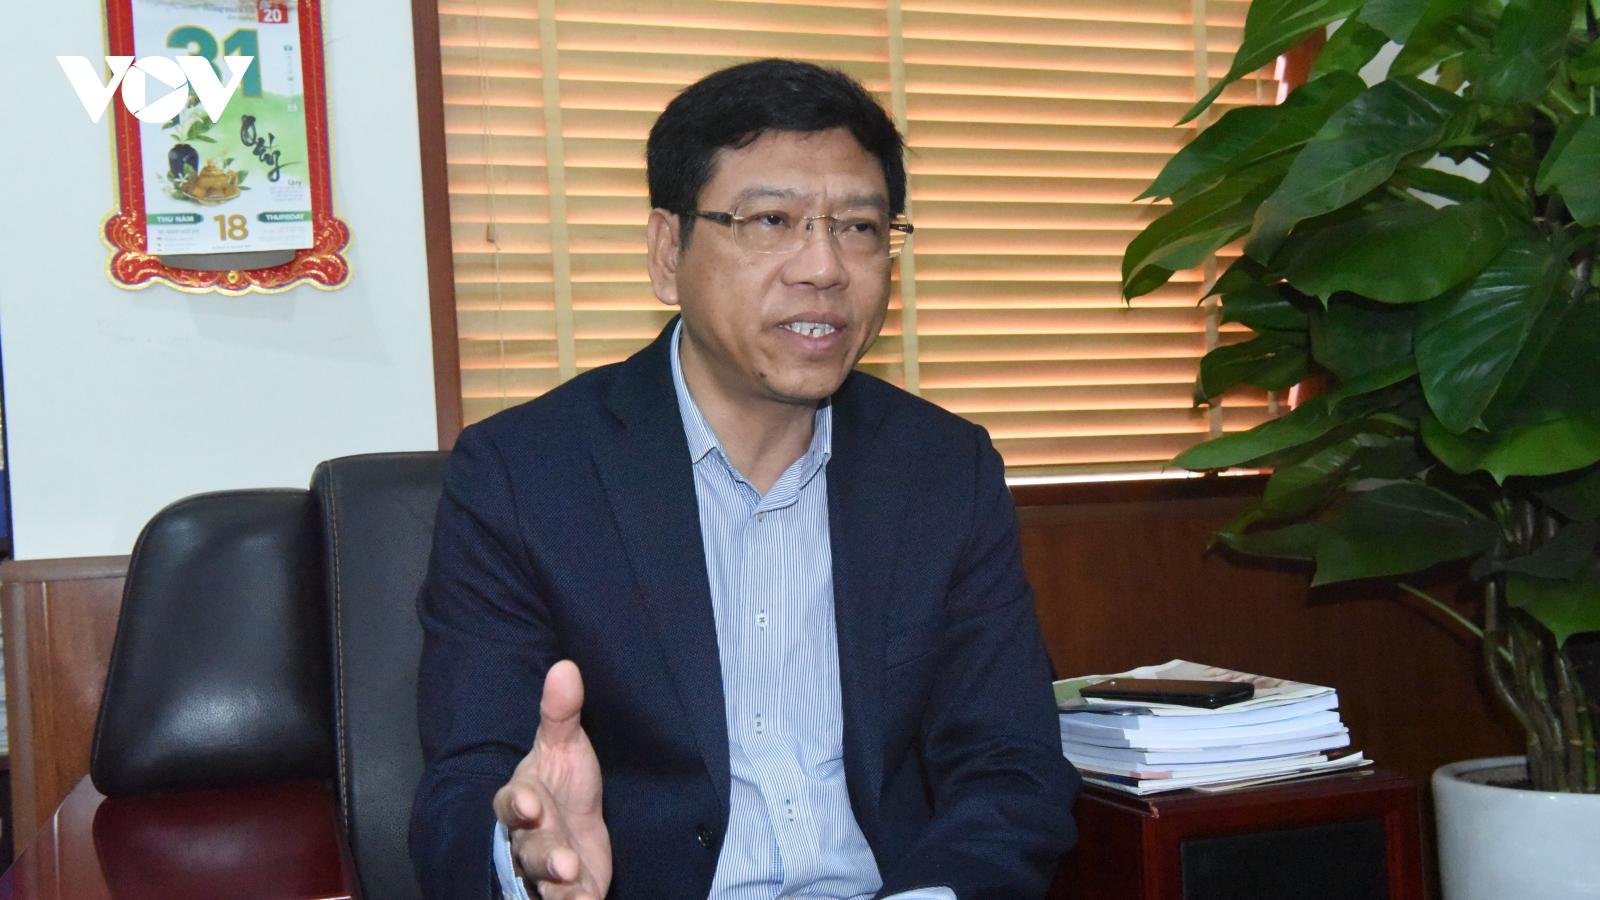 Cục trưởng Cục Hàng hải: Vận tải biển là điểm sáng tăng trưởng kinh tế Việt Nam